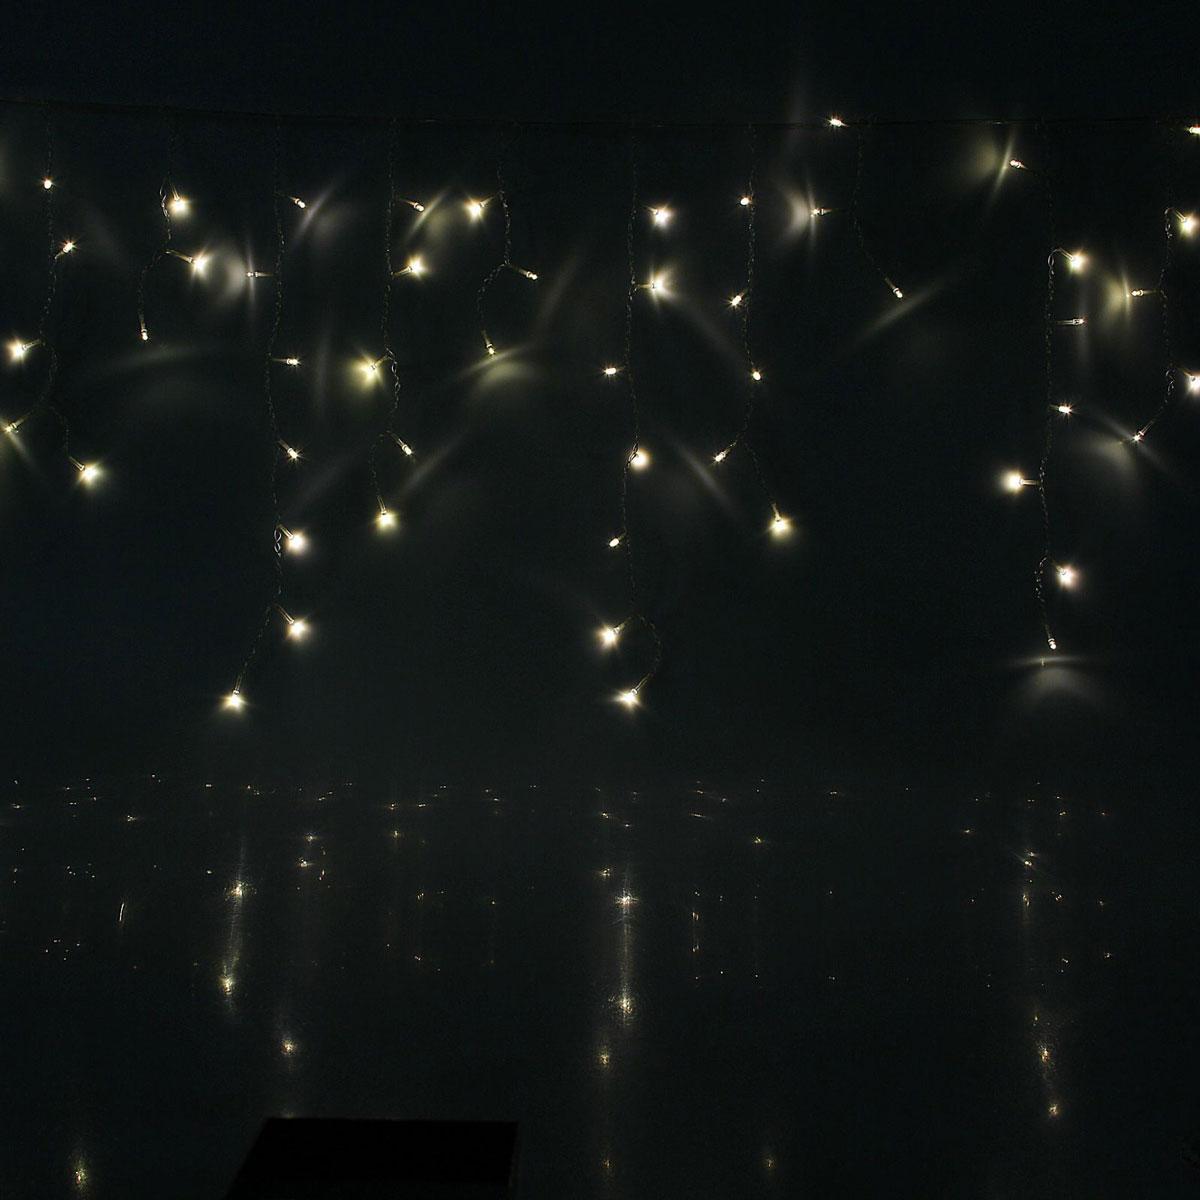 Гирлянда светодиодная Luazon Бахрома, уличная, 8 режимов, 60 ламп, 220V, цвет: теплый белый, 1 х 0,6 м. 10801351080135Светодиодные гирлянды, ленты и т.д — это отличный вариант для новогоднего оформления интерьера или фасада. С их помощью помещение любого размера можно превратить в праздничный зал, а внешние элементы зданий, украшенные ими, мгновенно станут напоминать очертания сказочного дворца. Такие украшения создают ауру предвкушения чуда. Деревья, фасады, витрины, окна и арки будто специально созданы, чтобы вы украсили их светящимися нитями.